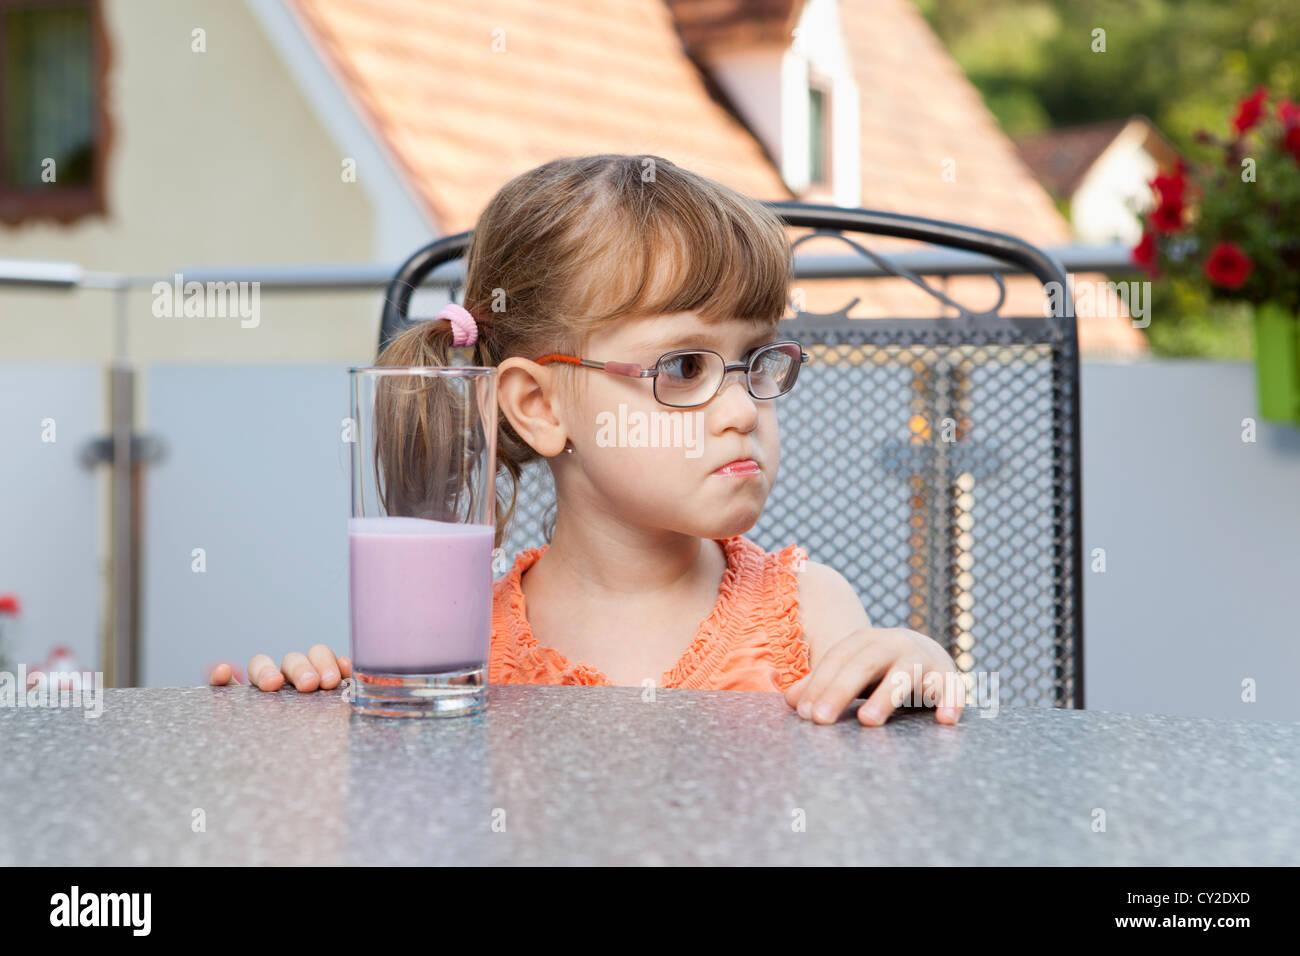 Kleines Mädchen ich neidisch auf die Seite Stockbild